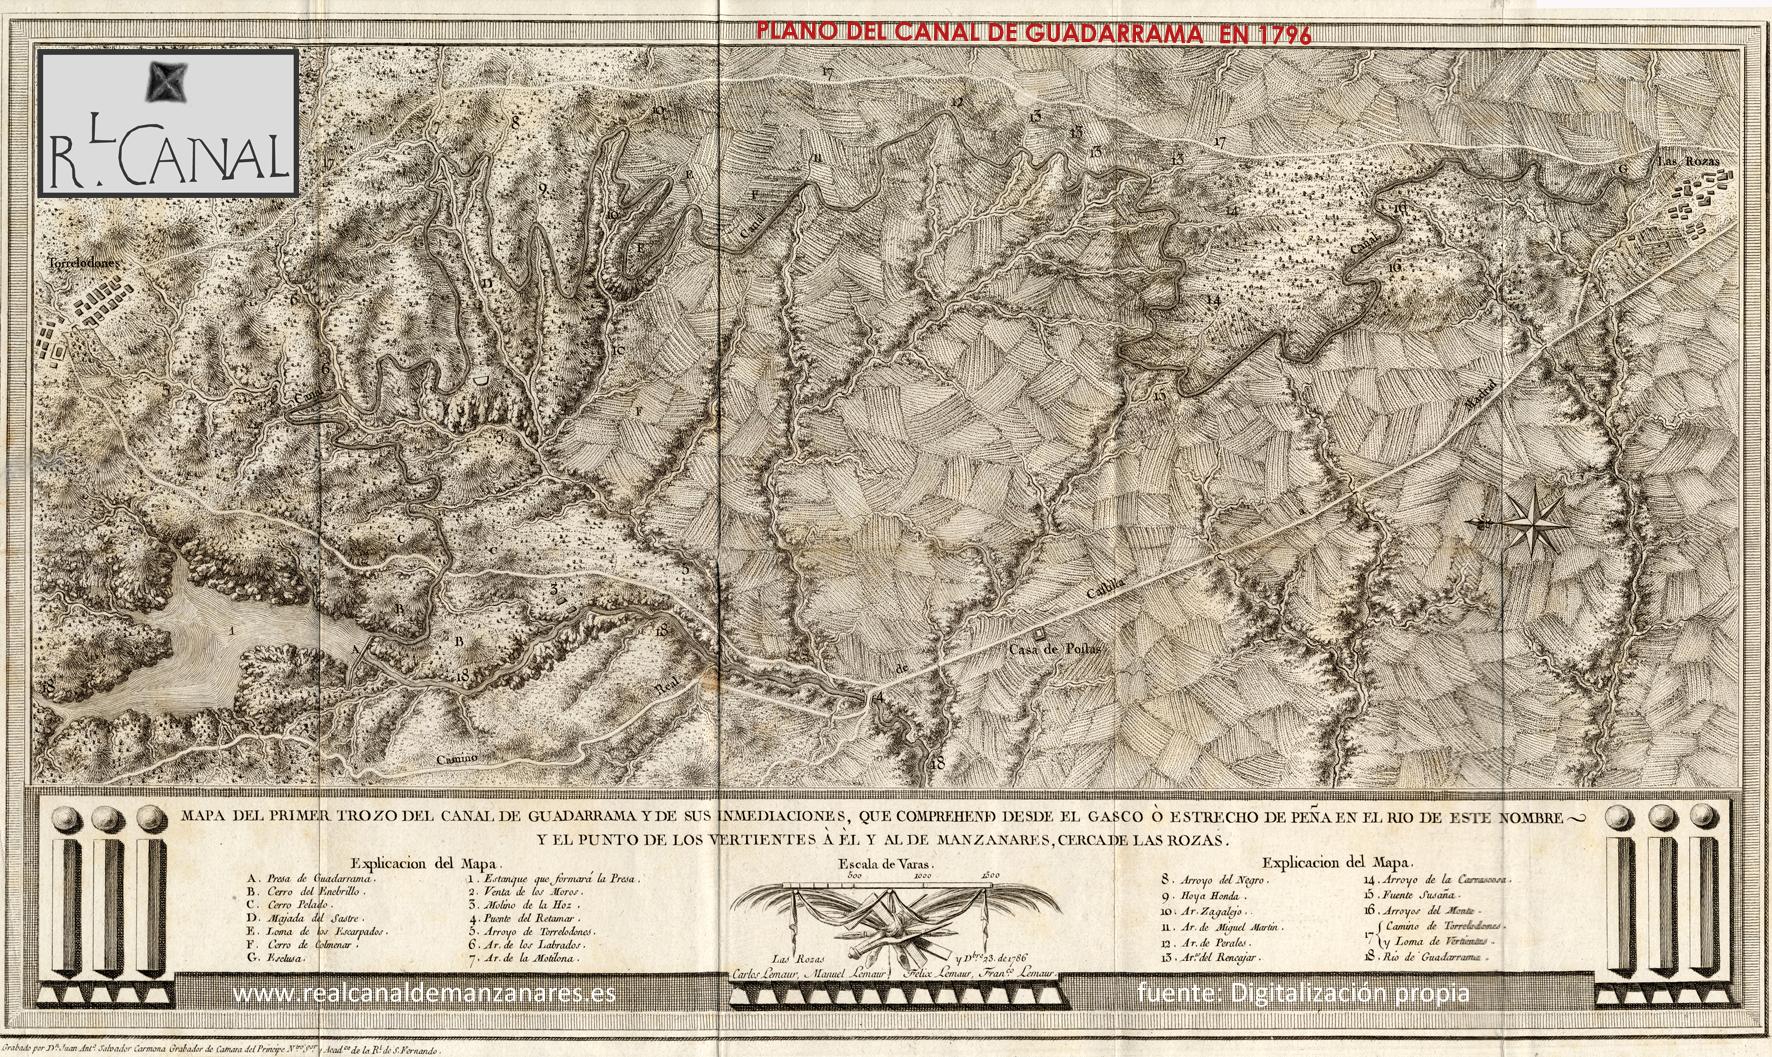 Plano de los Lemaur. 1796. Canal de Guadarrama